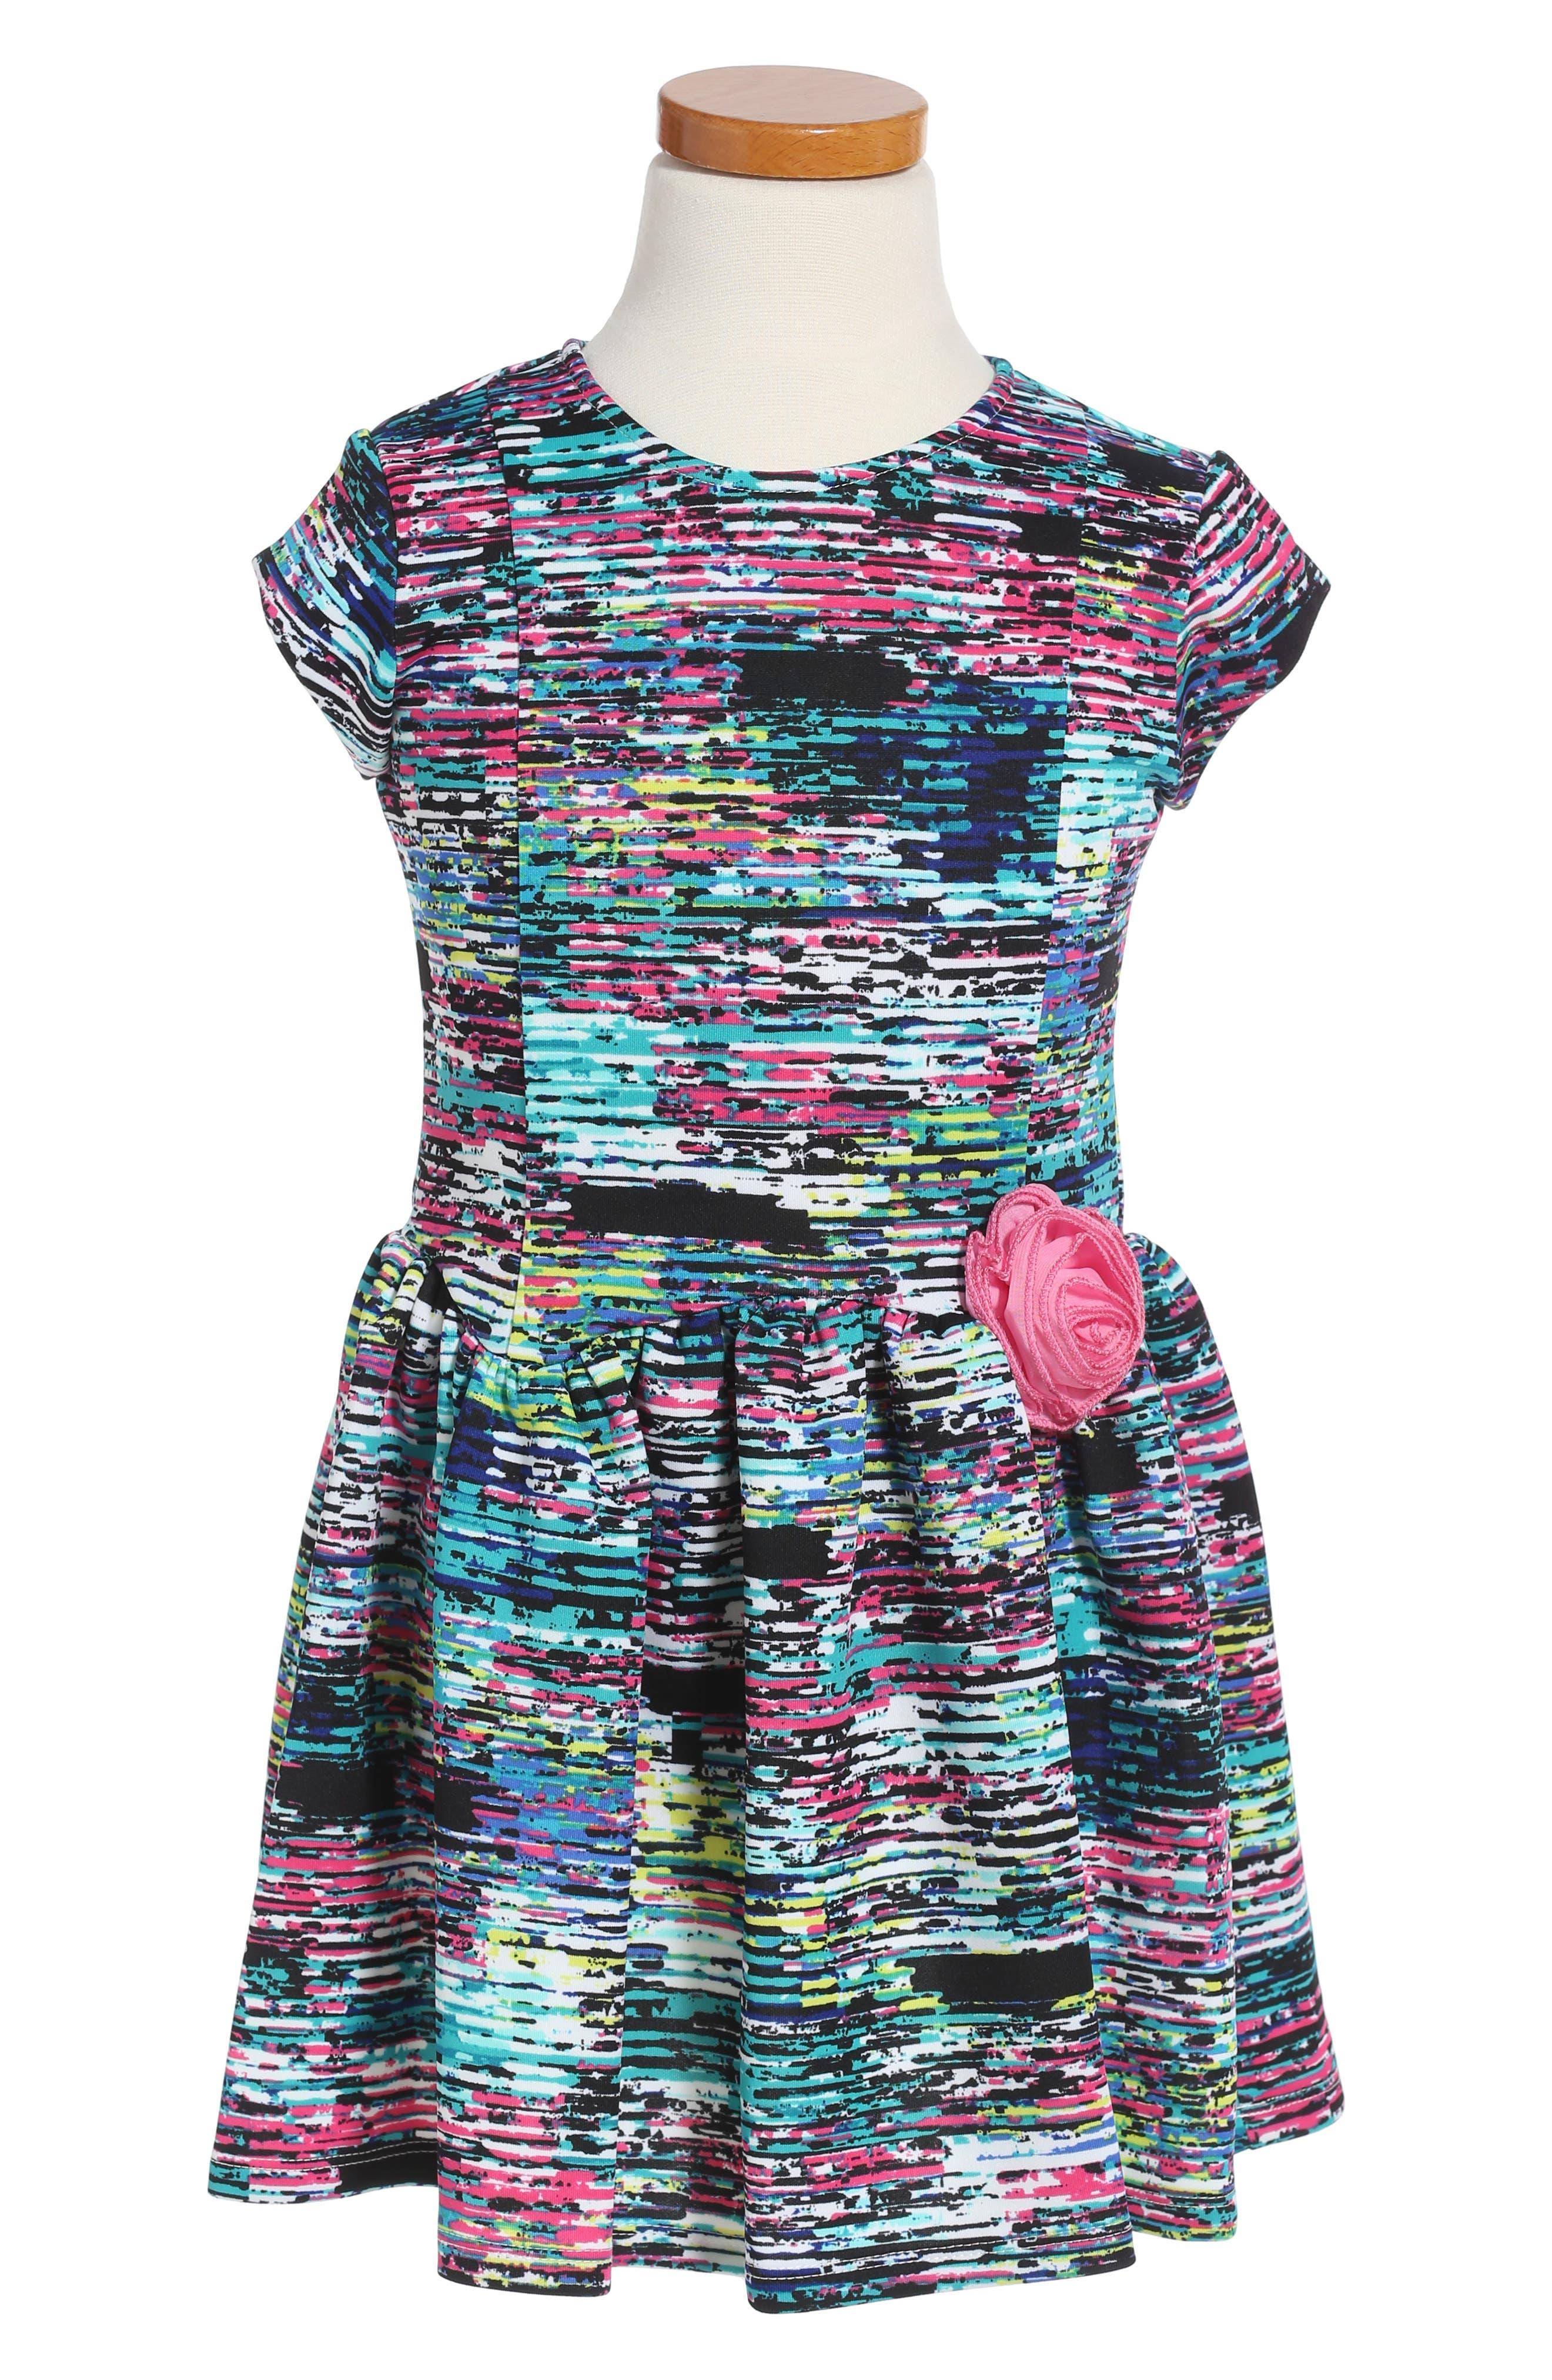 Pippa & Julie Print Scuba Dress (Toddler Girls & Little Girls)